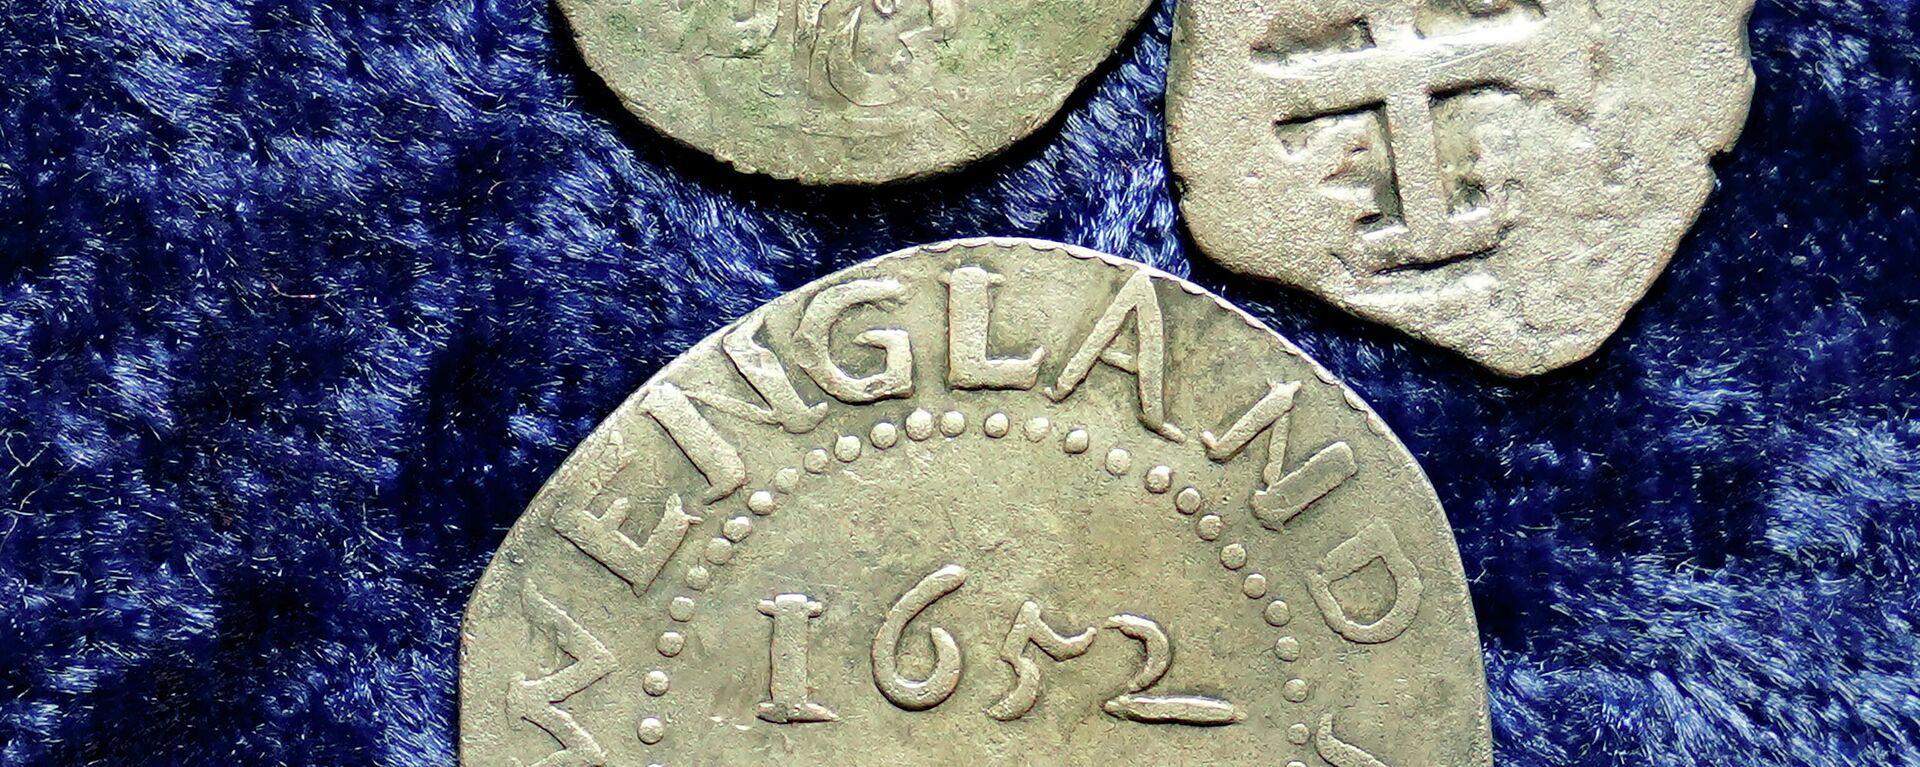 Monedas de plata árabes de la década del 1690 encontradas en una granja de la ciudad de Middletown, EEUU - Sputnik Mundo, 1920, 01.04.2021